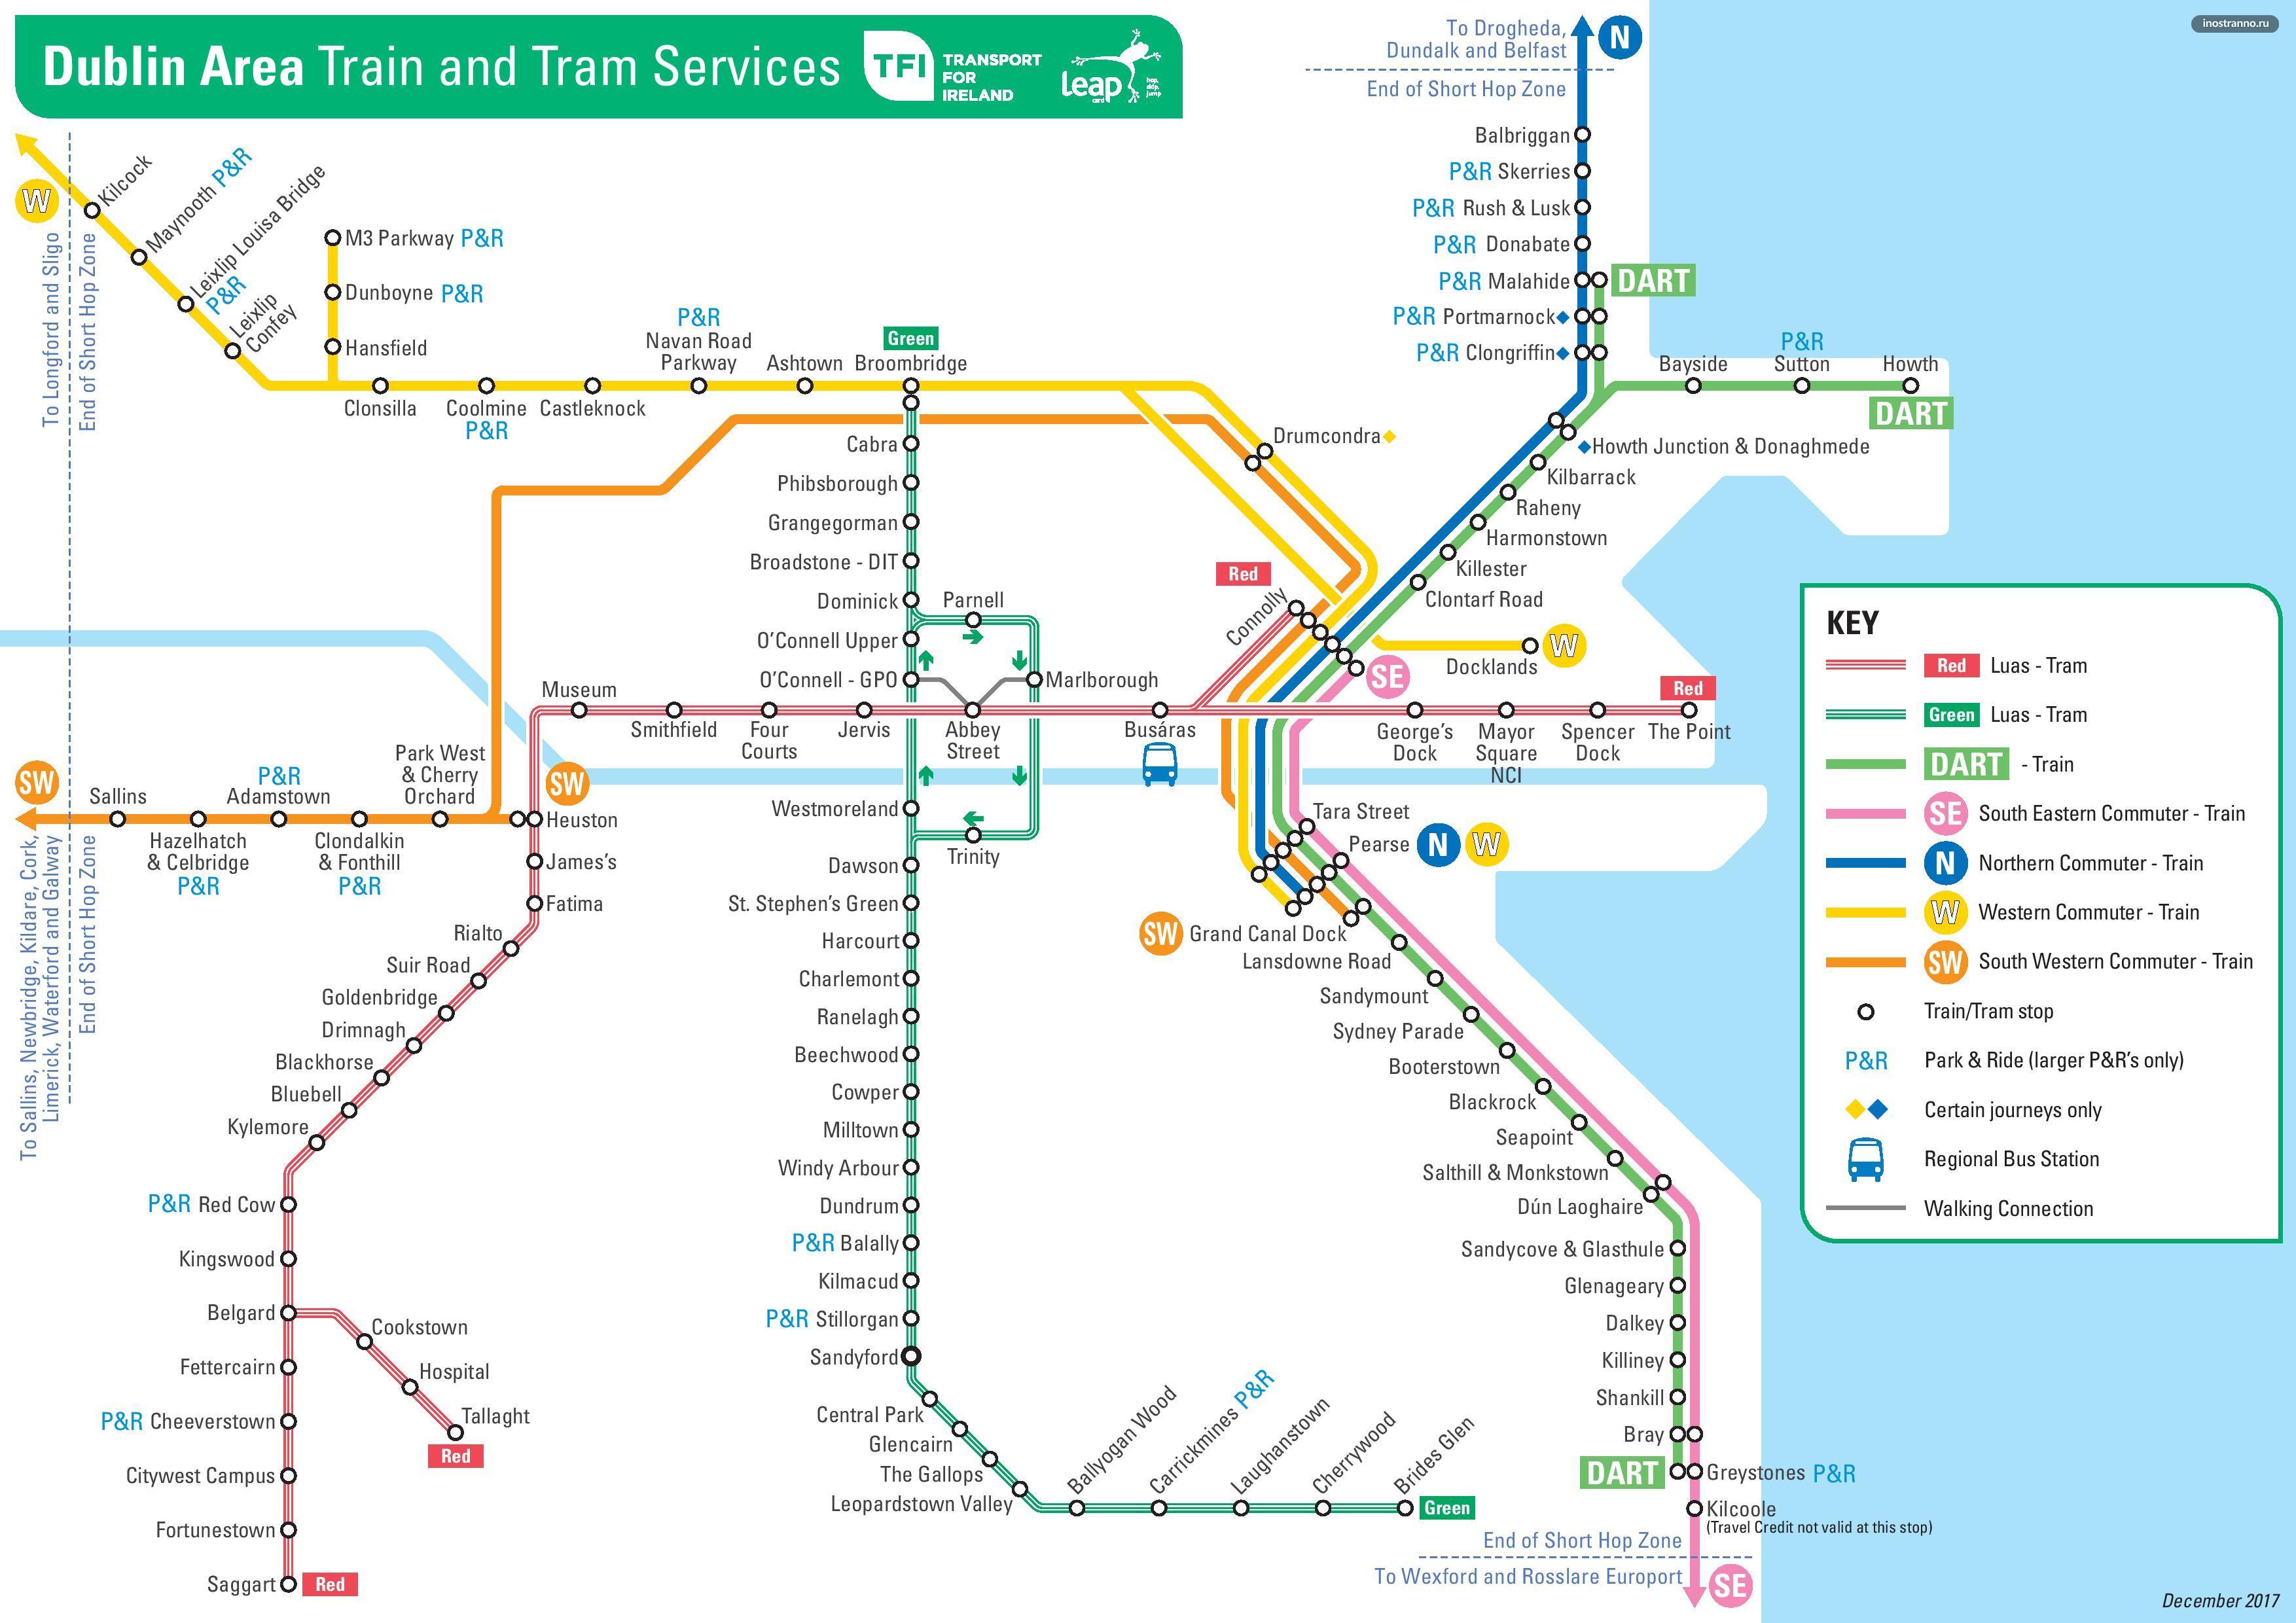 Карта схема трамваев и поездов Дублина